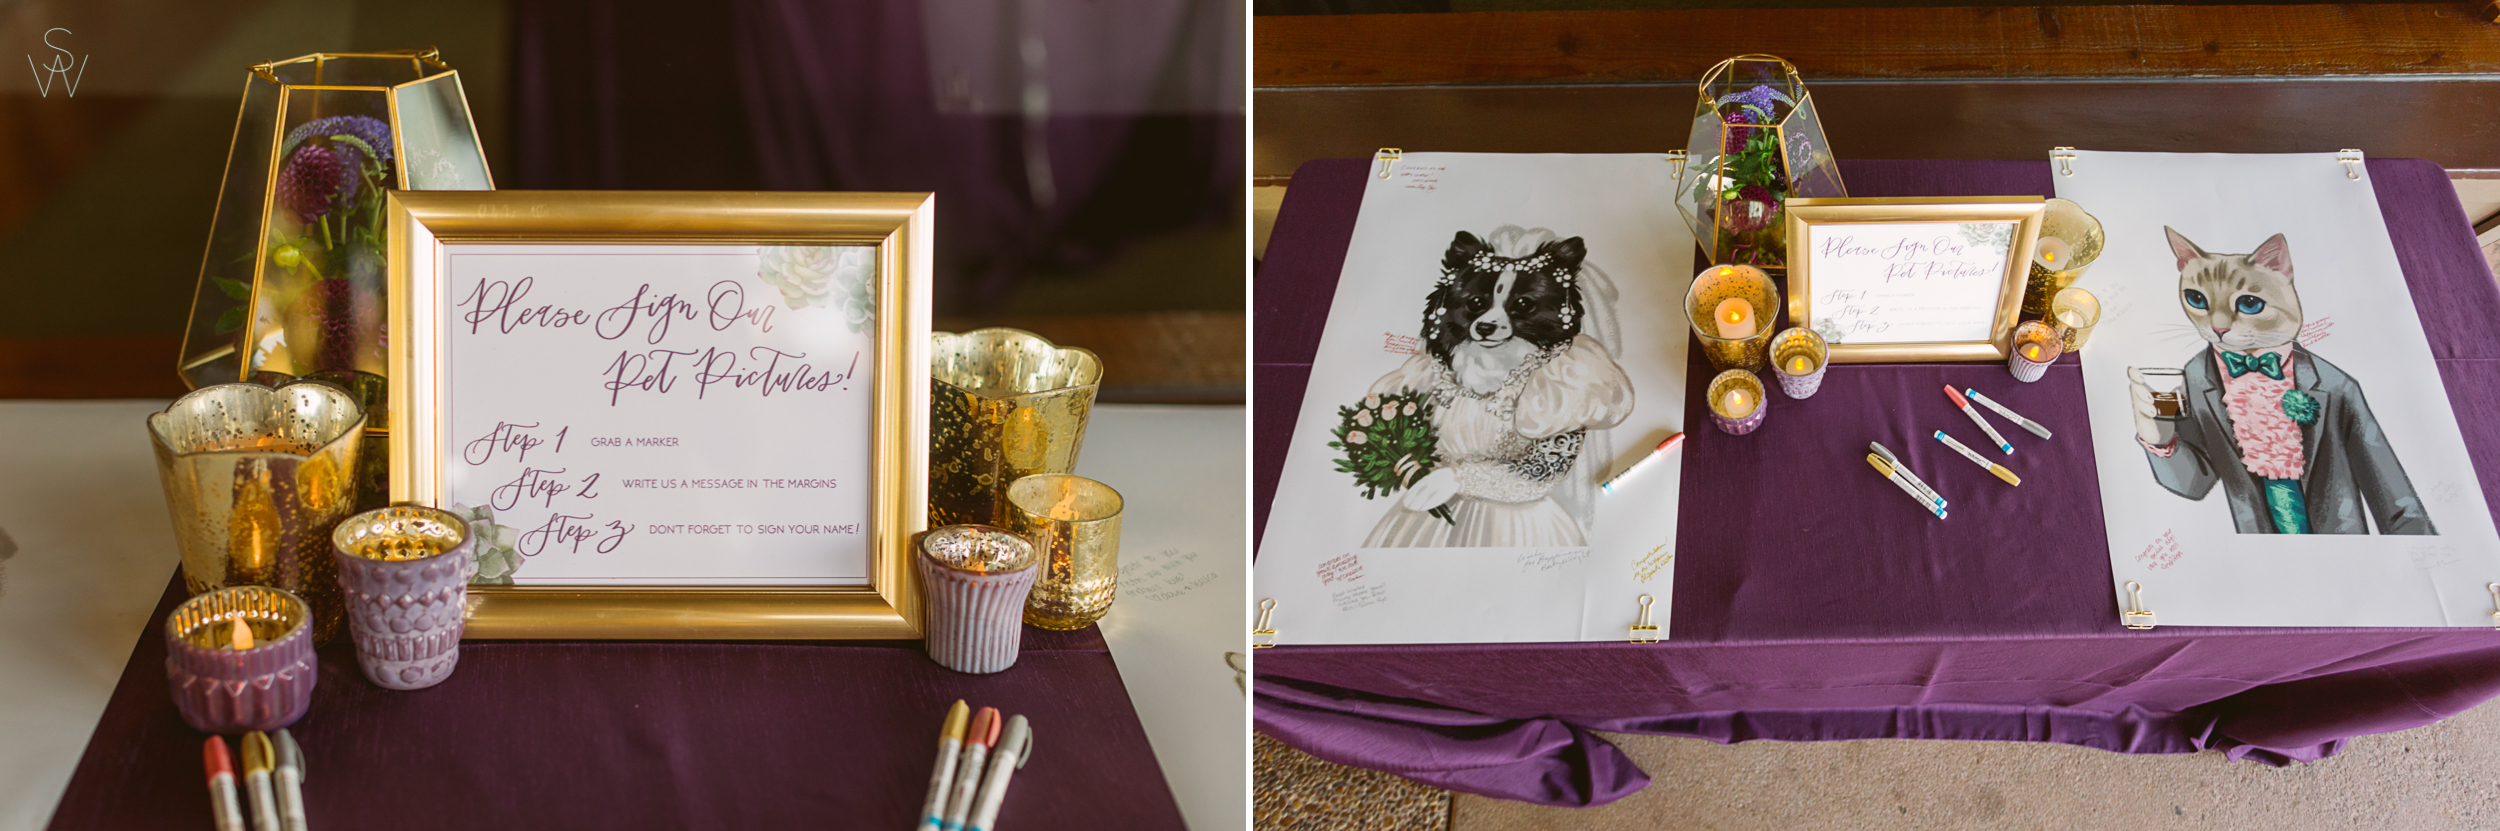 138San.diego.wedding.shewanders.photography.JPG